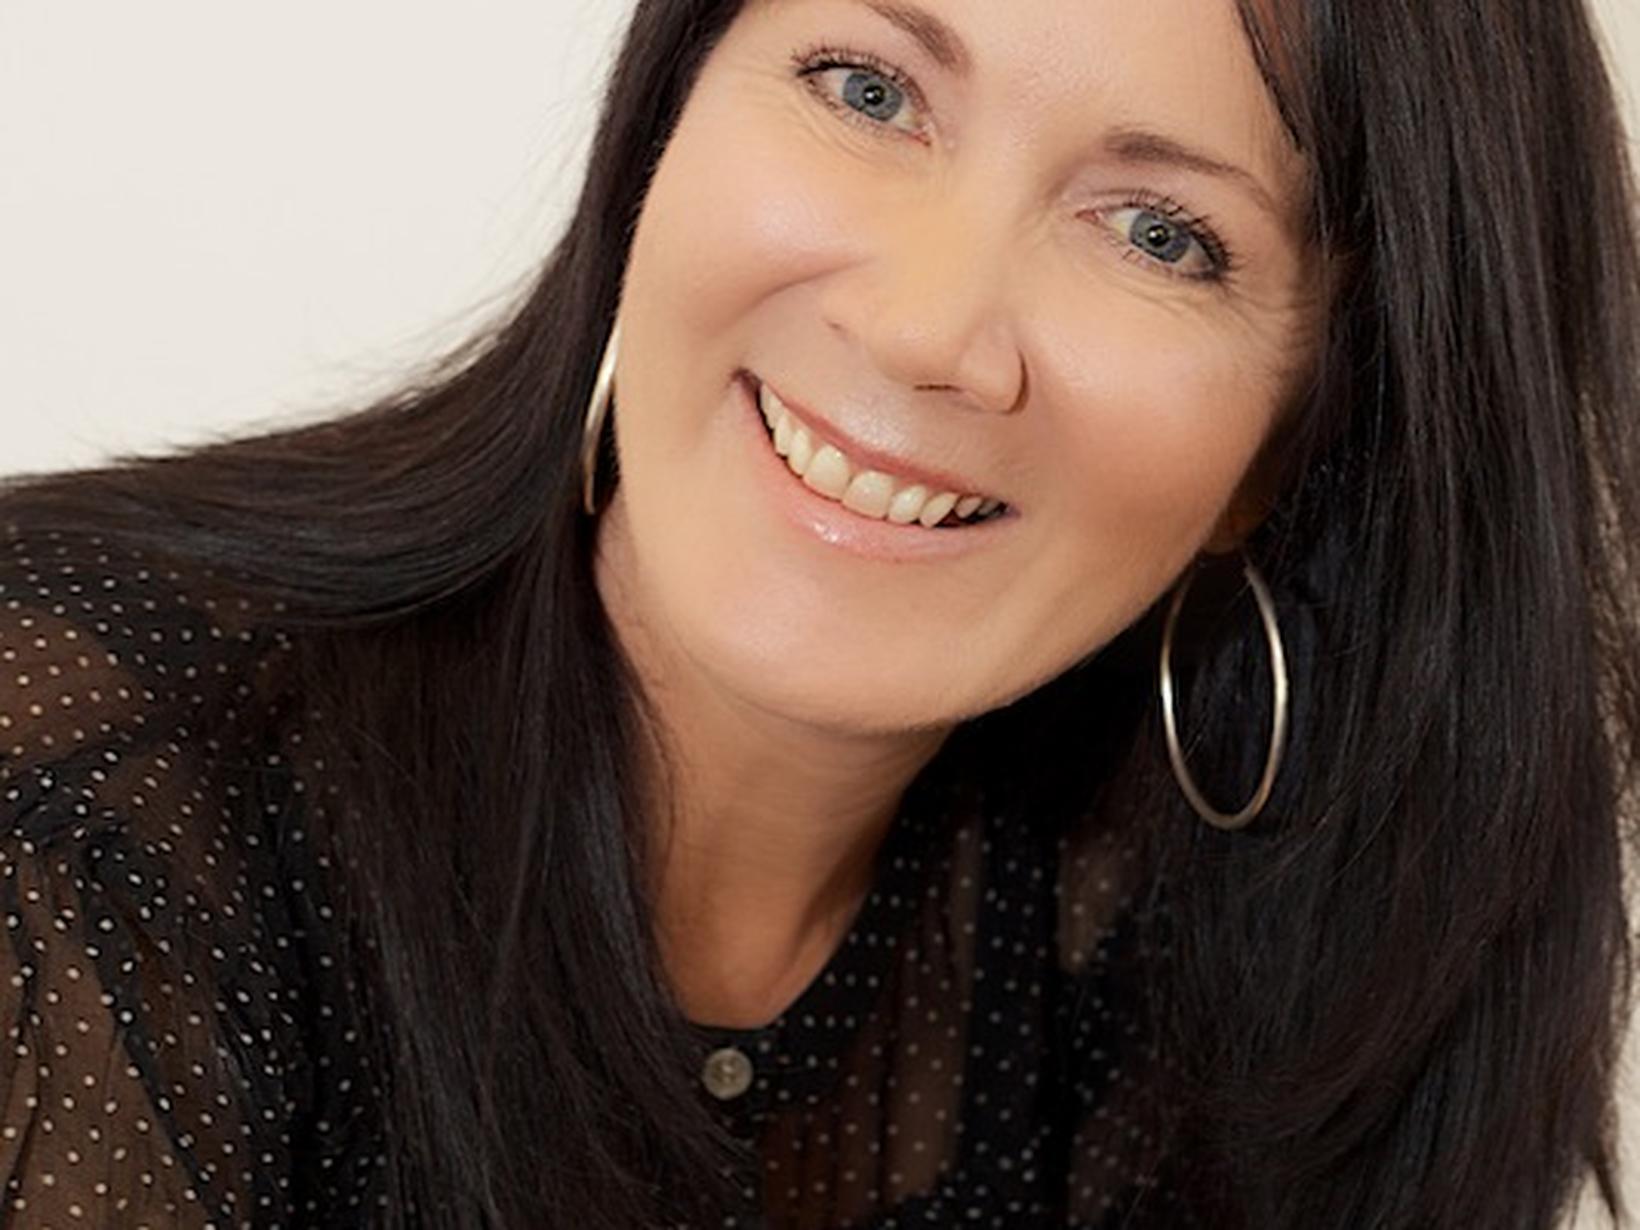 Cathryn from Subiaco, Western Australia, Australia